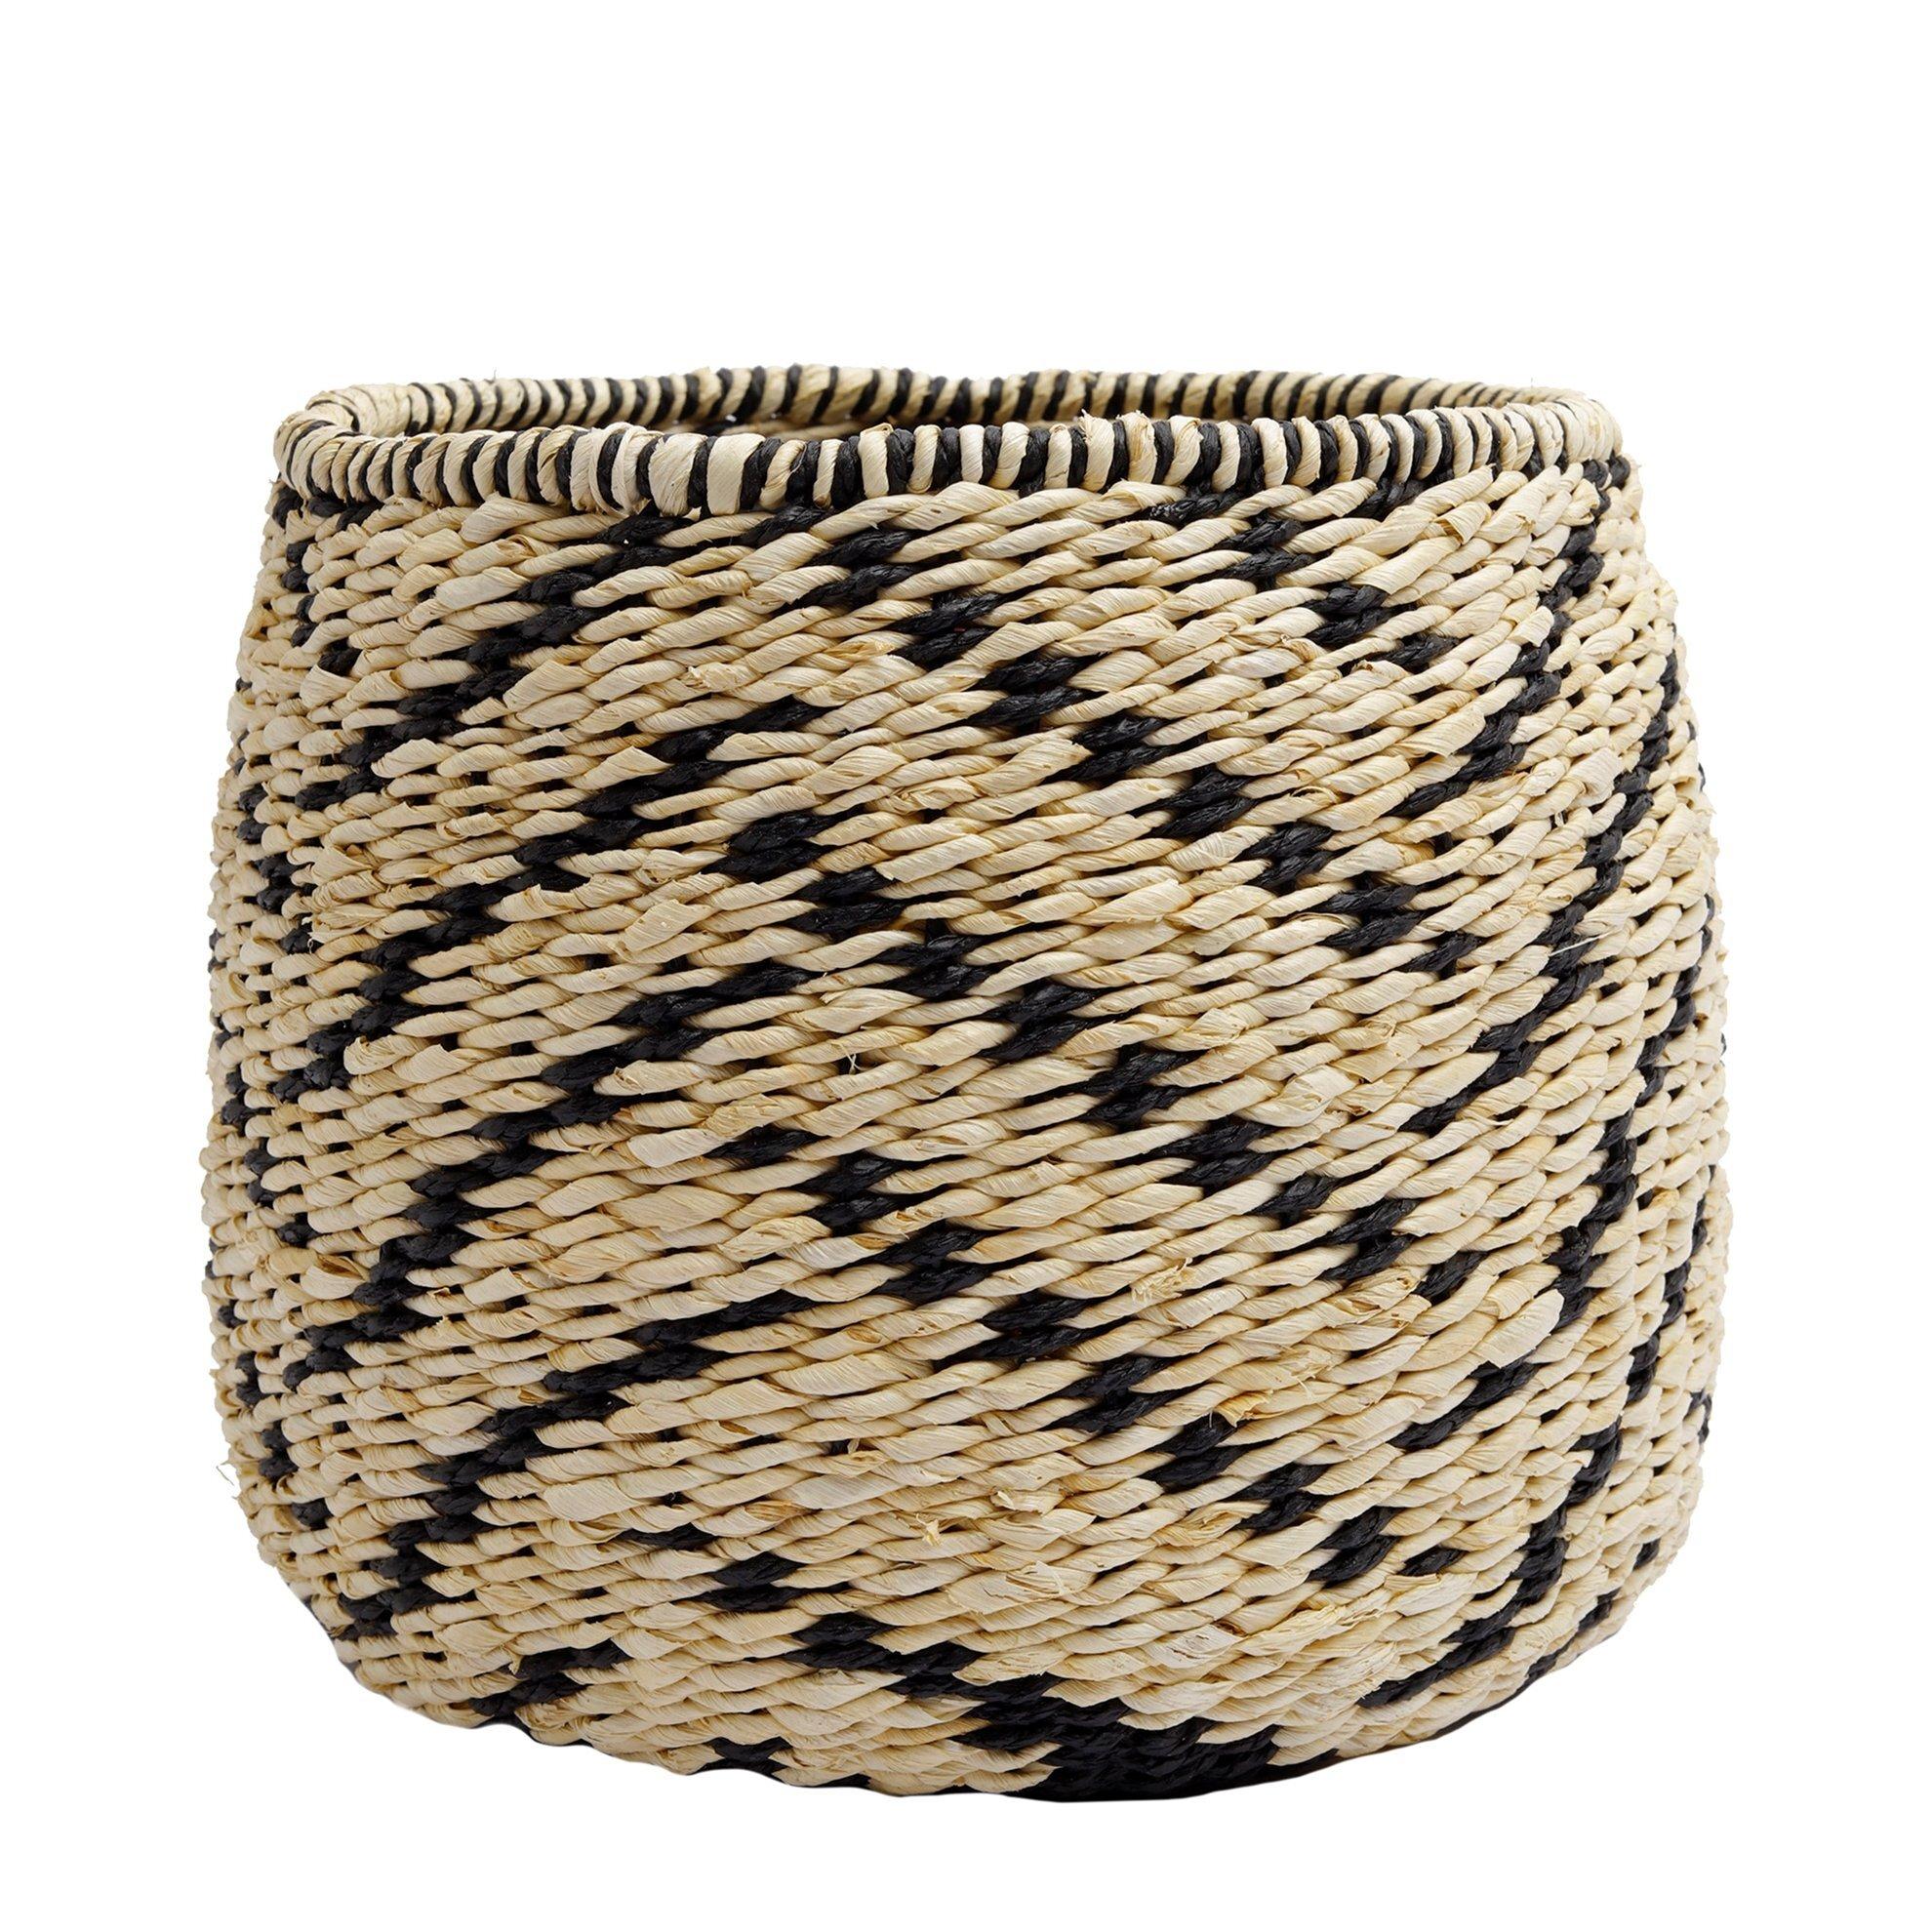 Straw Basket ( 31 X 31 X 25 Cm )